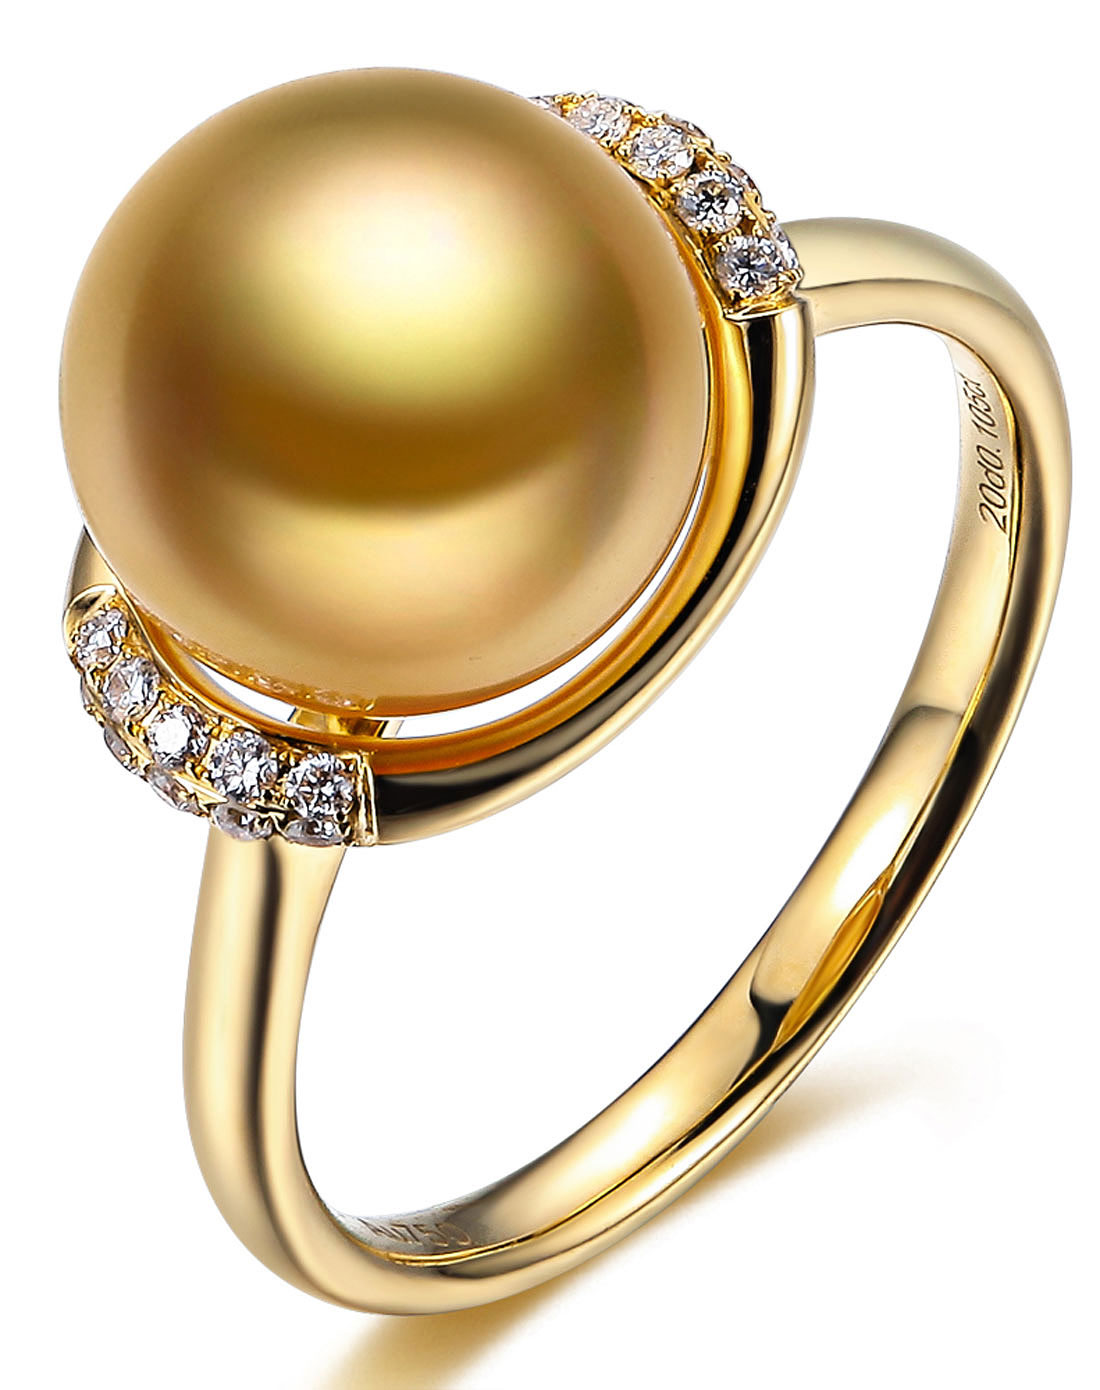 珍珠戒 - 戒指 - 珠宝首饰 - 佐卡伊珠宝之家